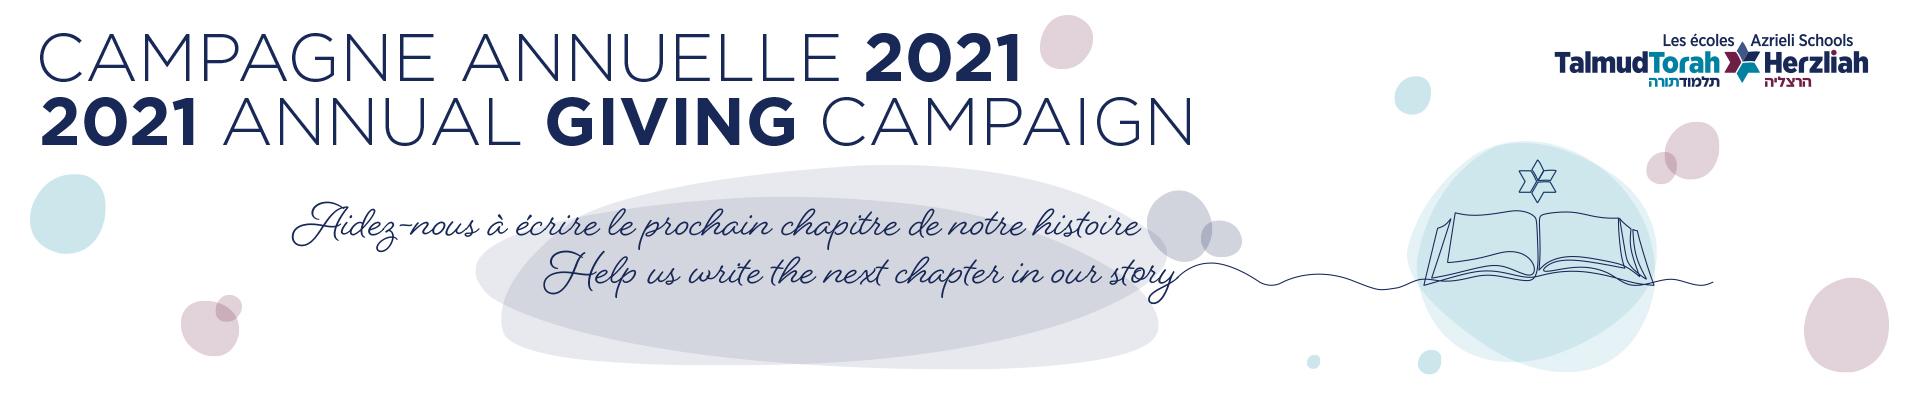 2021 Annual Campaign / Campagne annuelle